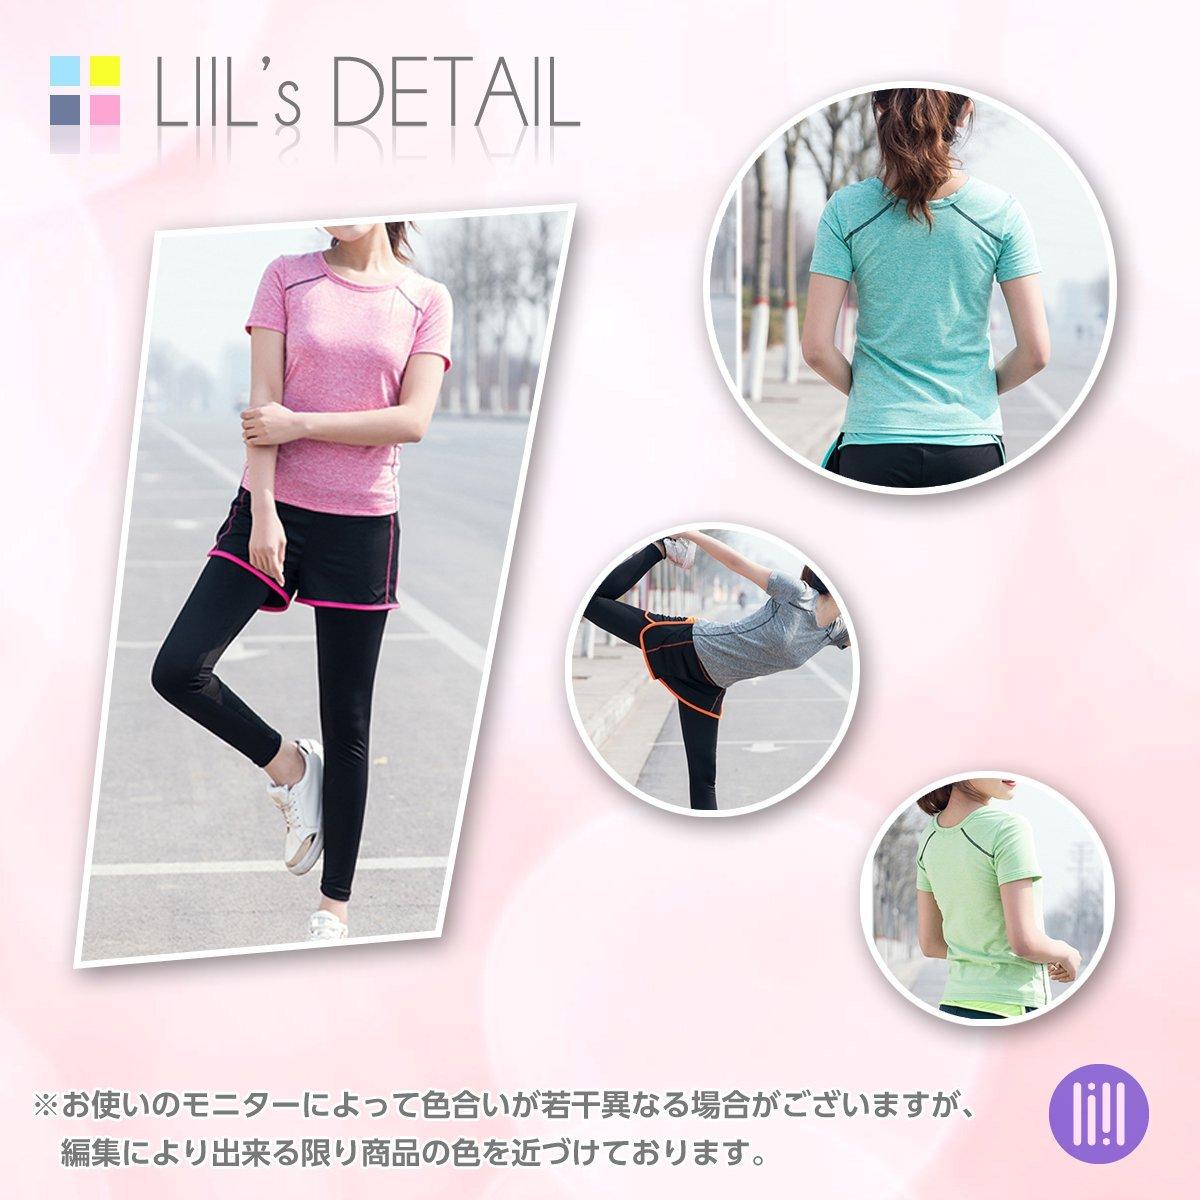 (リール) LIIL スポーツ トレーニング ヨガ ウェア レディース 5色 上下 パンツ 半袖 セット アップ